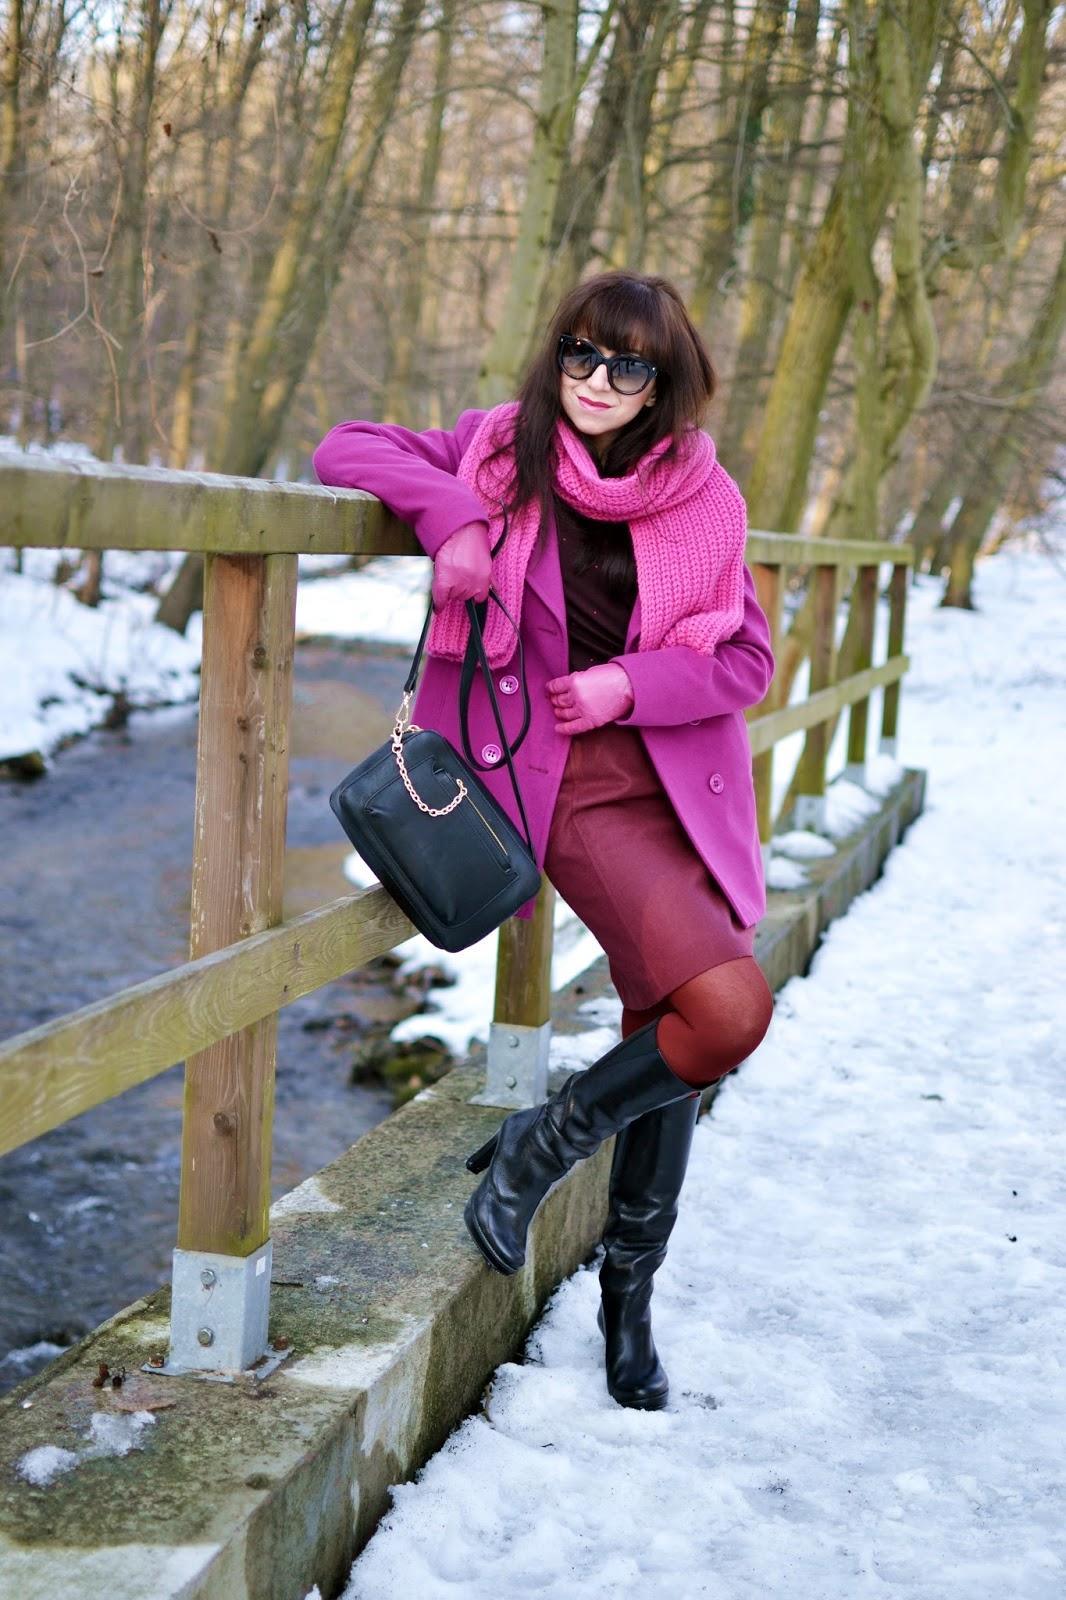 ÚSPEŠNÝ DEŇ_Katharine-fashion is beautiful_Ružové kožené rukavice_Bordové pančuchy_Bodkovaný top_Katarína Jakubčová_Fashion blogger